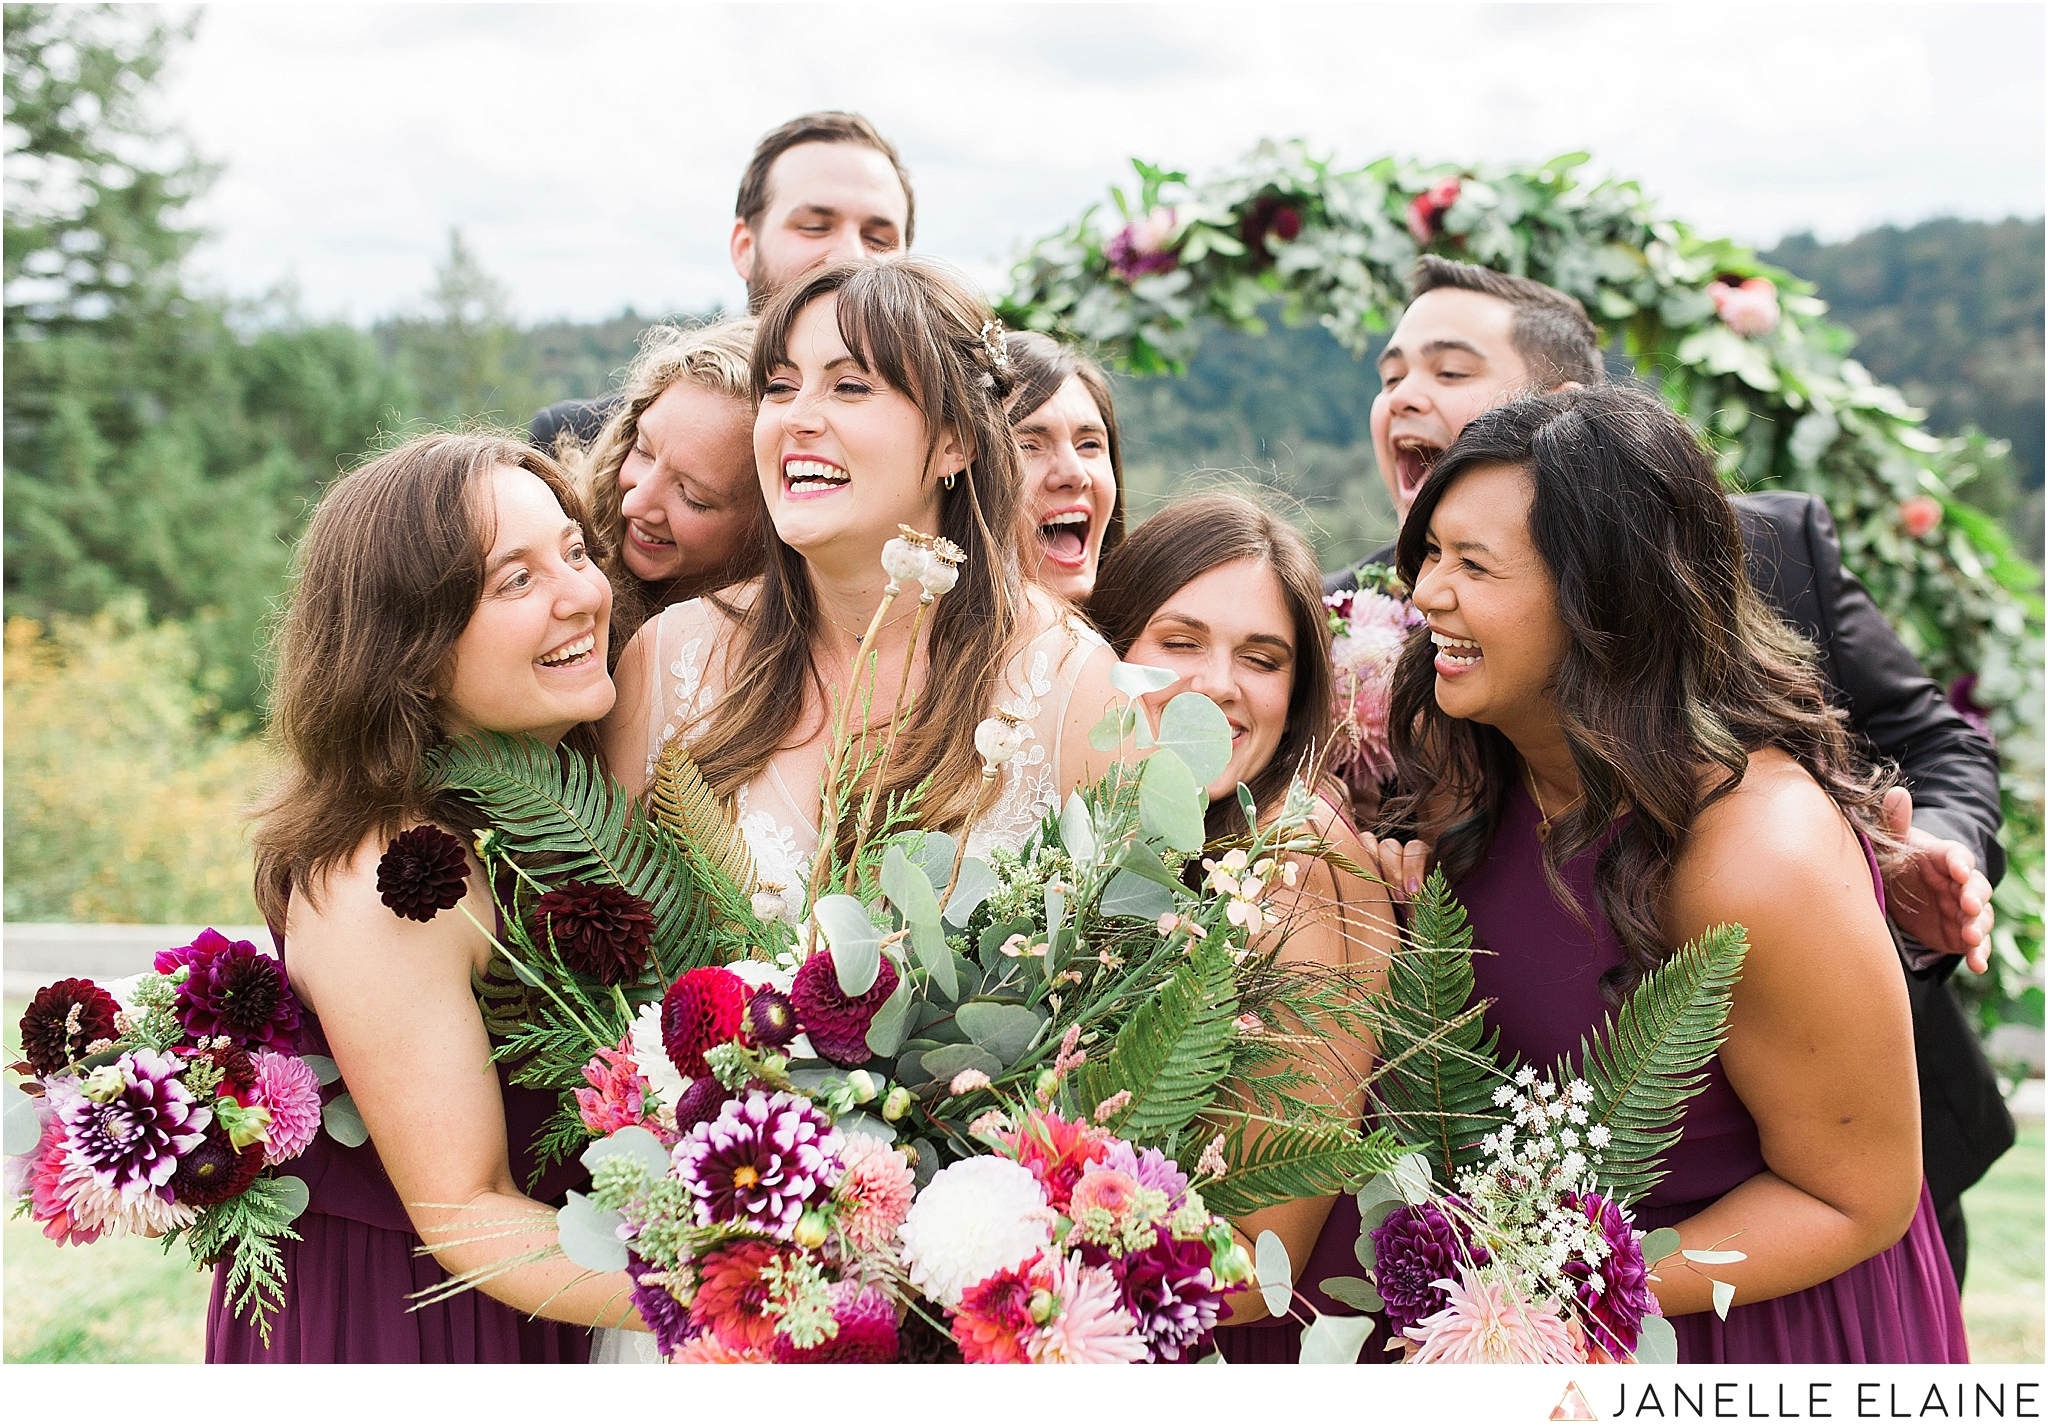 seattle-portrait-engagement-wedding-photographer-janelle-elaine-photography-44.jpg